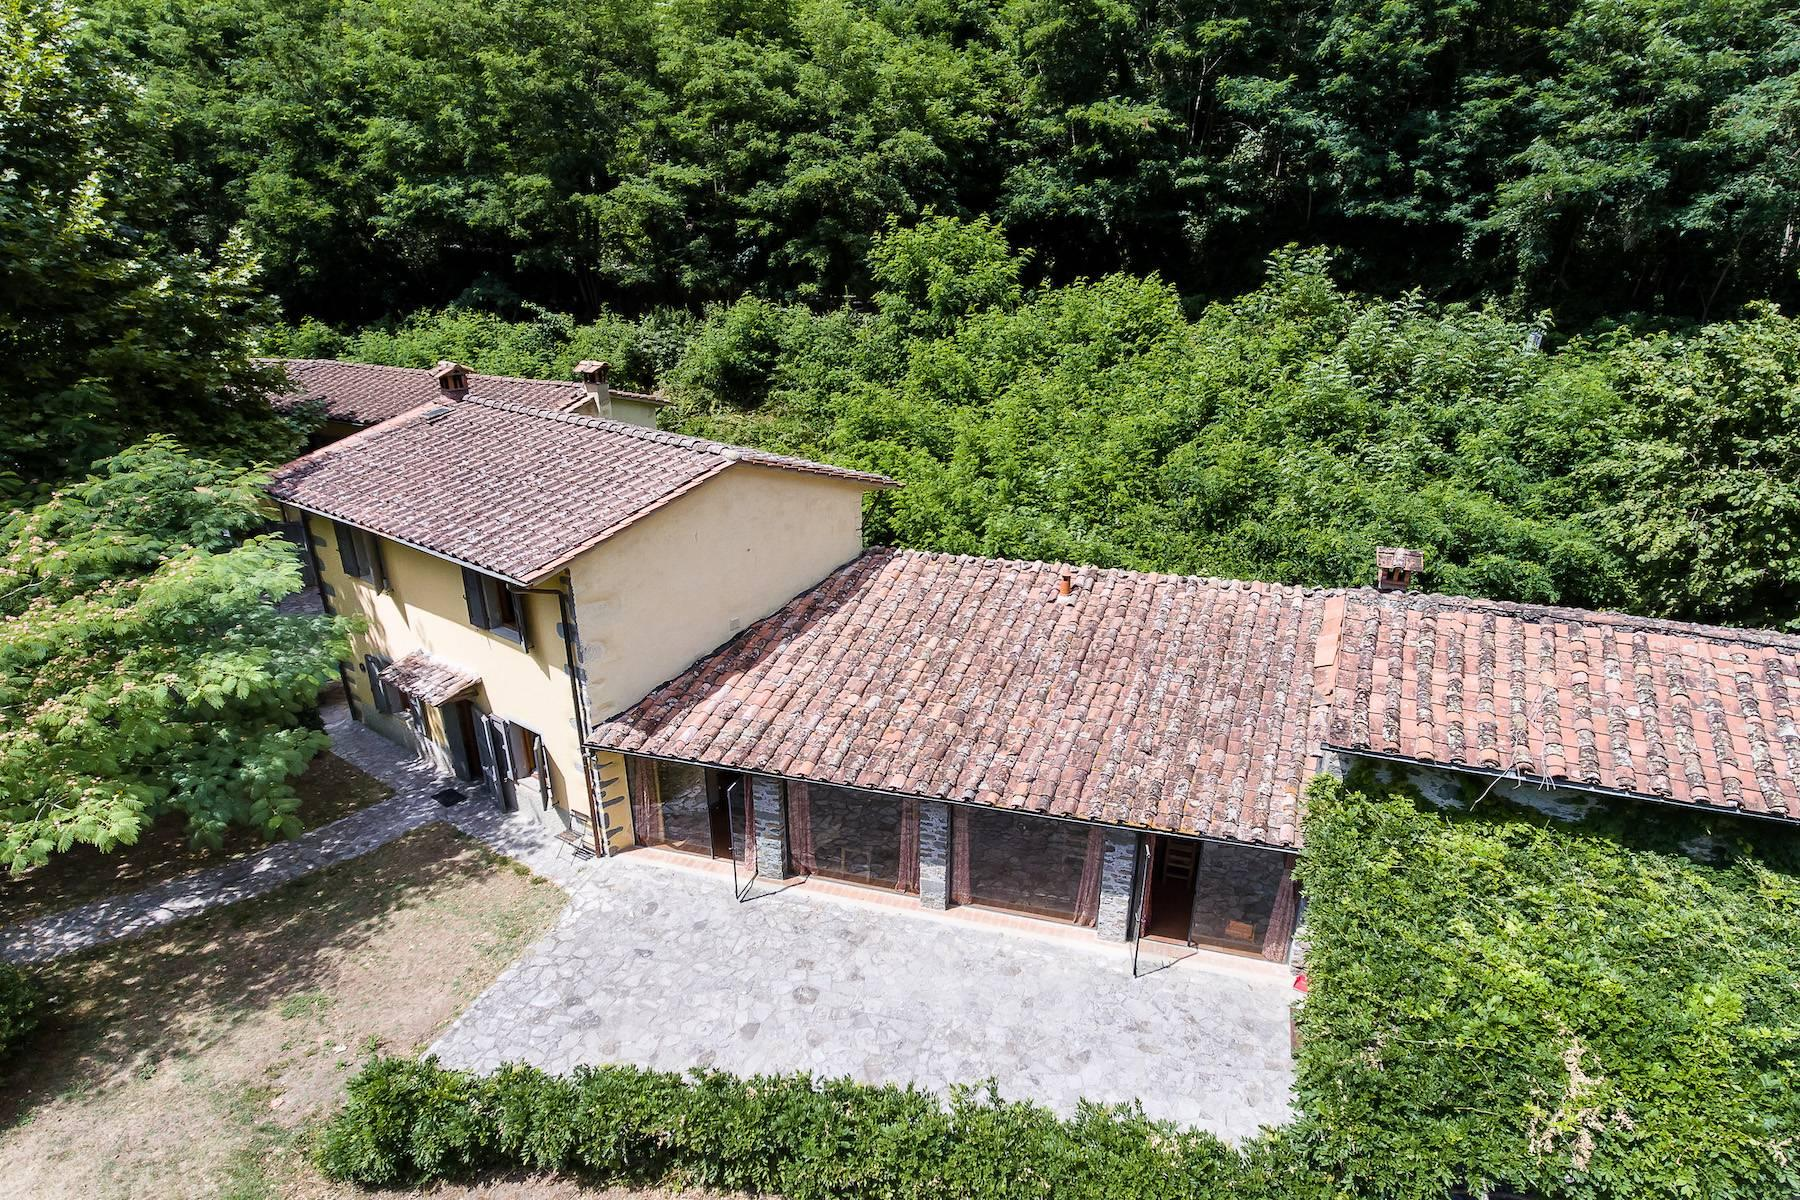 Maison de campagne enchantée sur les collines autour de Lucca - 14